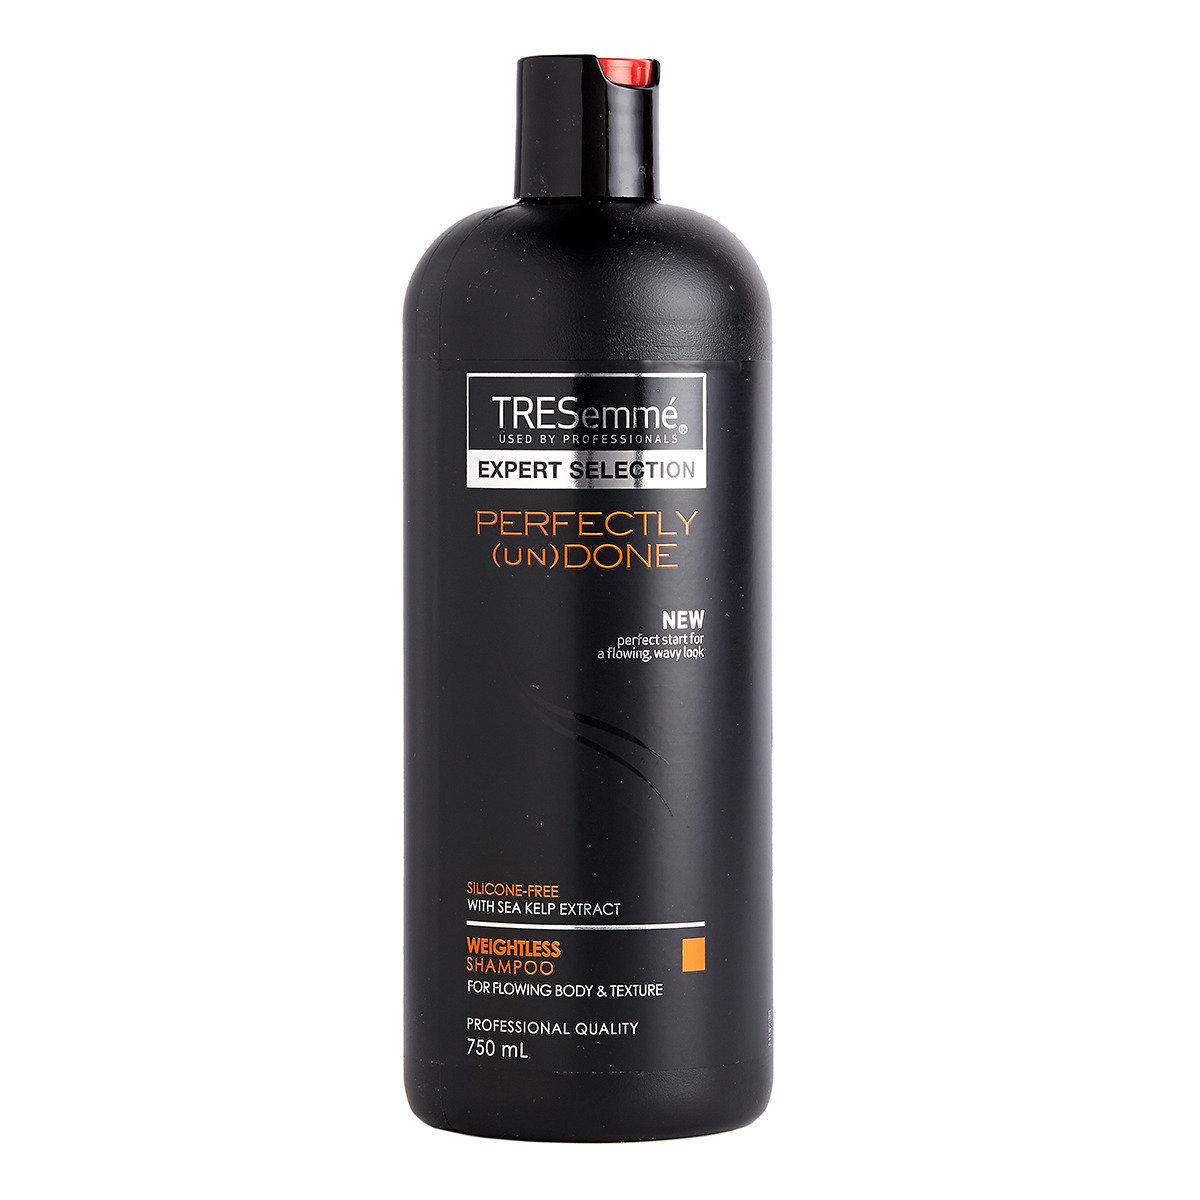 無矽添加輕感水潤洗髮露